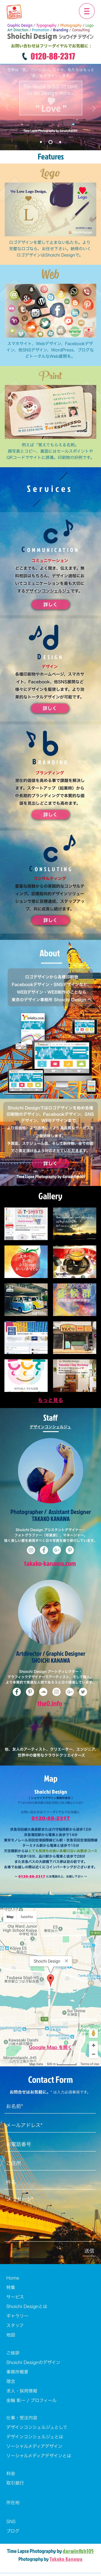 スマホサイトのデザインならデザインコンシェルジュ|Shoichi Design 事務所 東京 大田区 羽田 東京国際空港近くのデザイン事務所